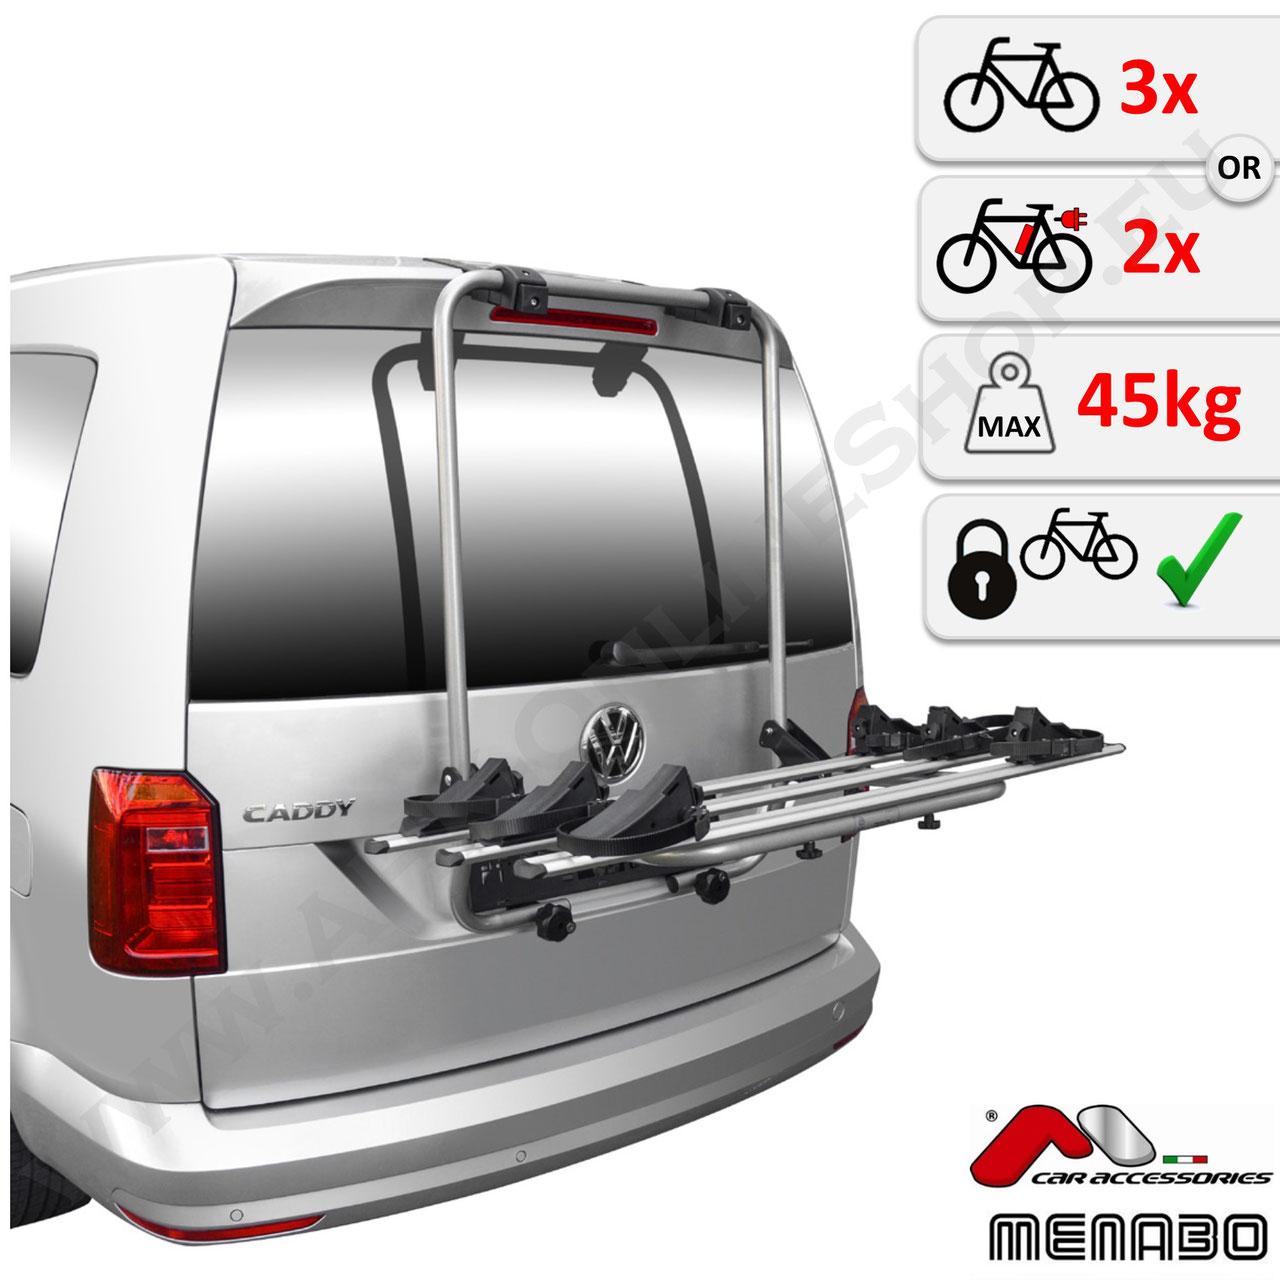 Fahrradträger Menabo Top Bike für BMW 7er Limousine 1 Rad  NEU